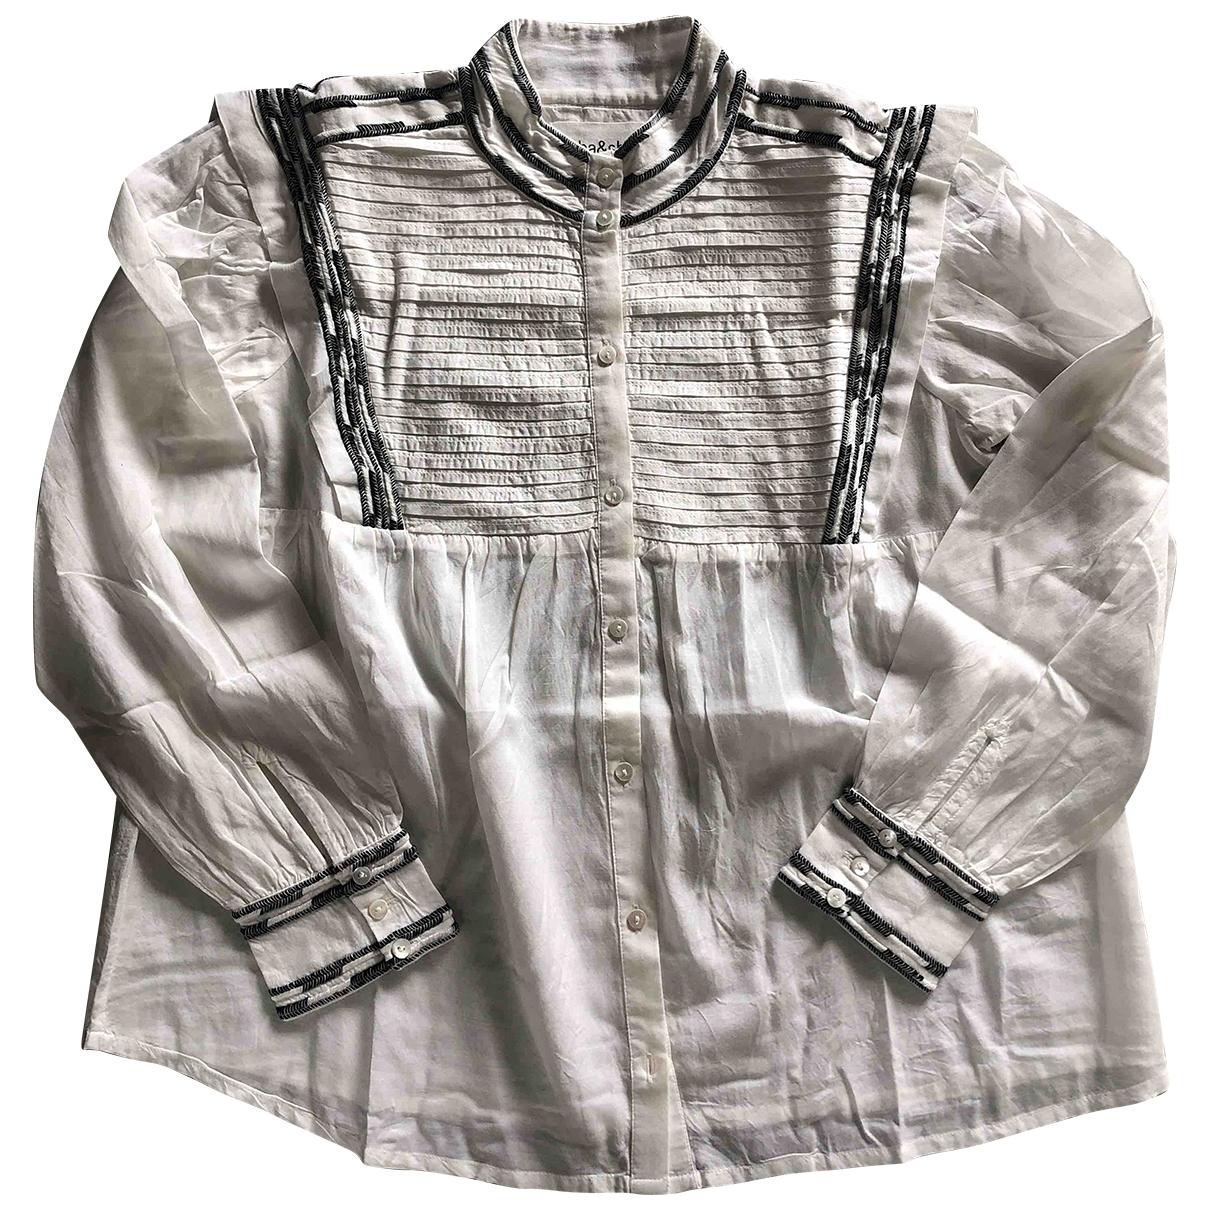 Camisa Spring Summer 2020 Ba&sh